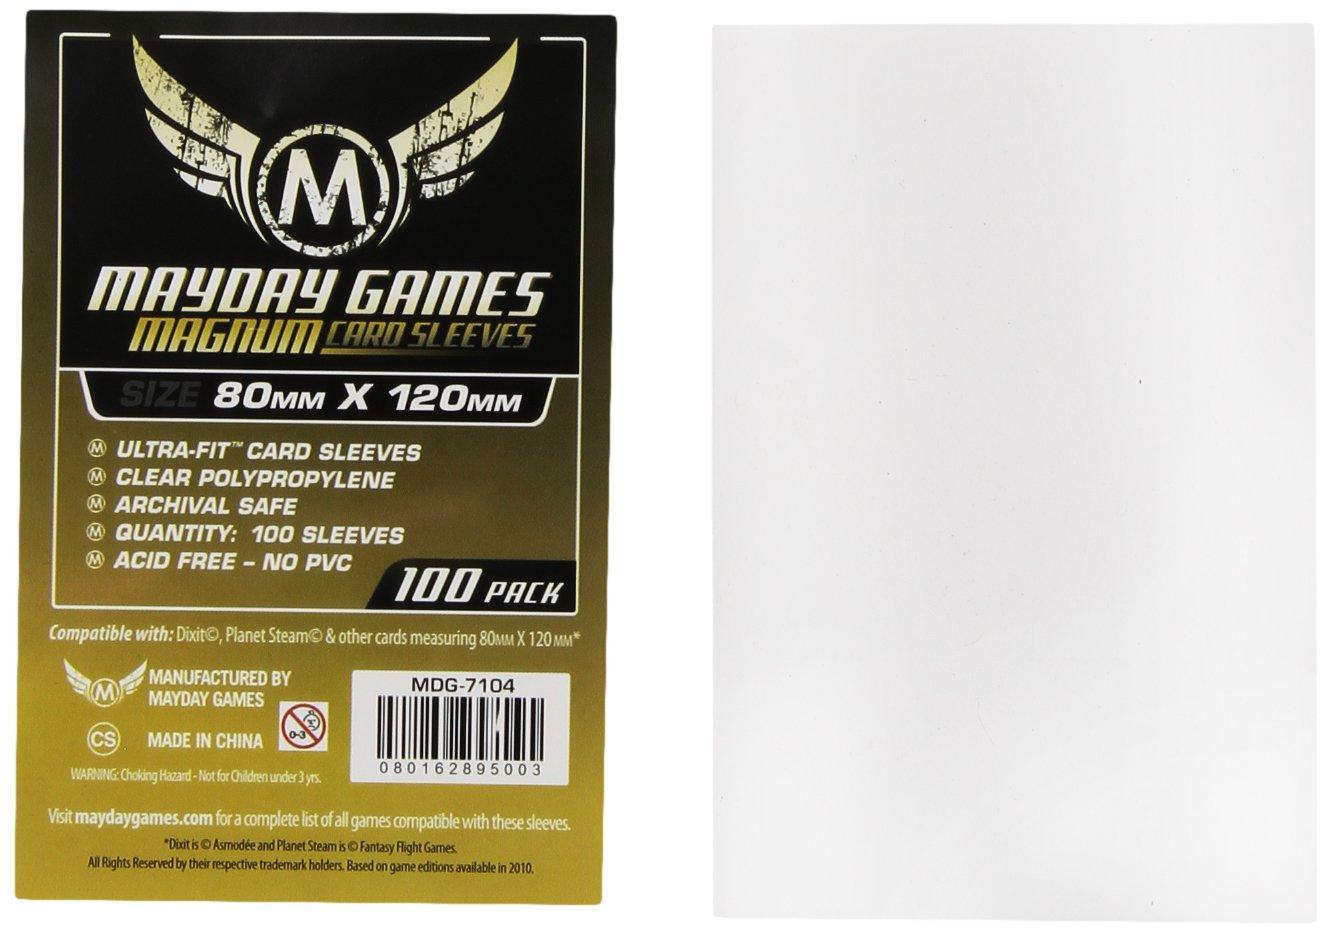 Mayday Games - 331682 - Jeu De Cartes - Housse De Protection - Magnum Gold Ultra Fit - 80 X 120 Mm - 100 Pièces